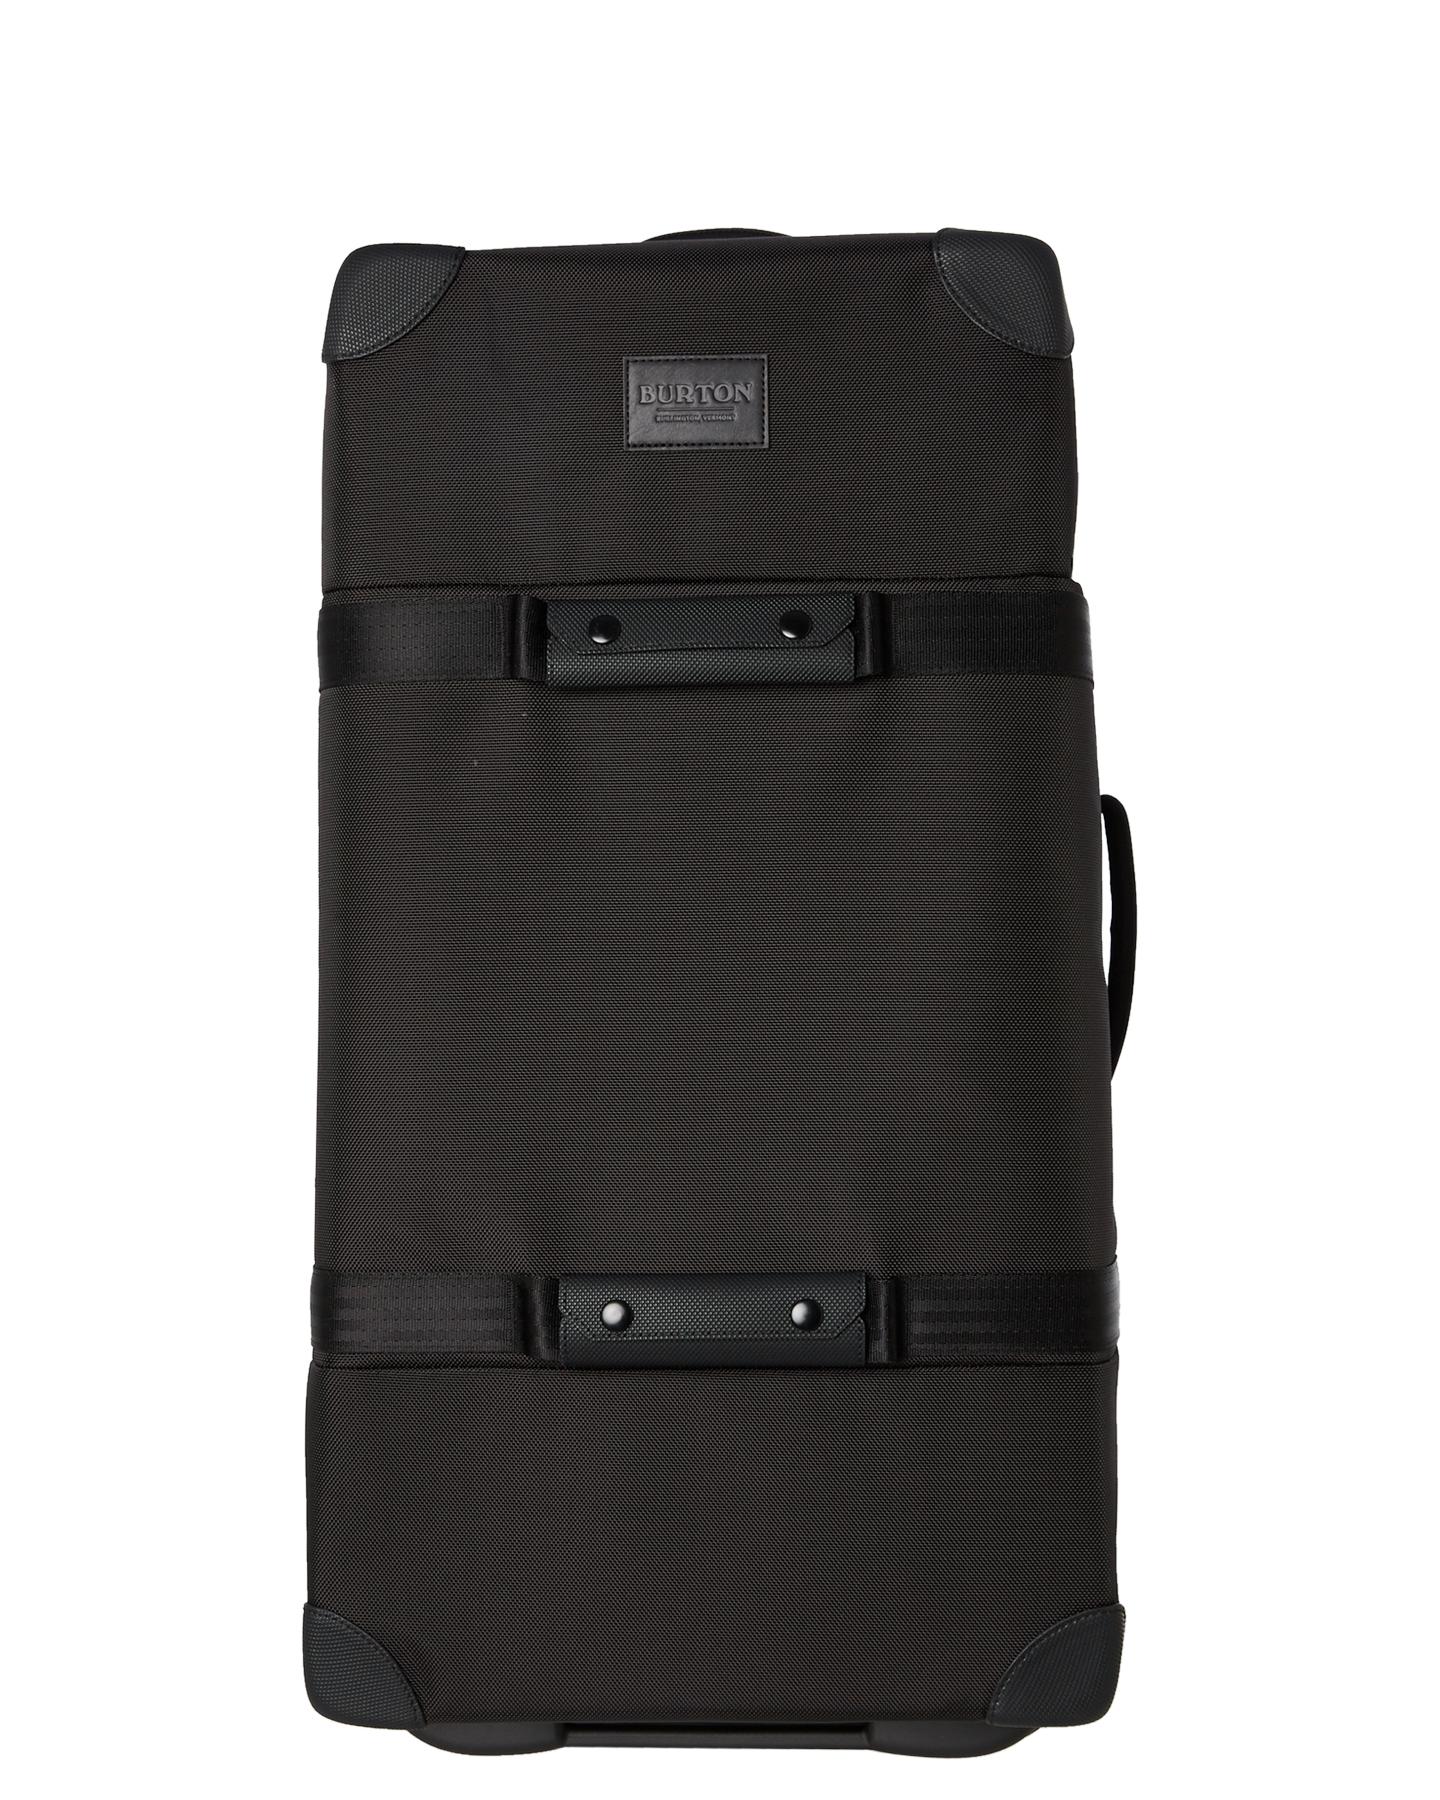 cd824b456491 Wheelie Double Deck 86L Travel Bag